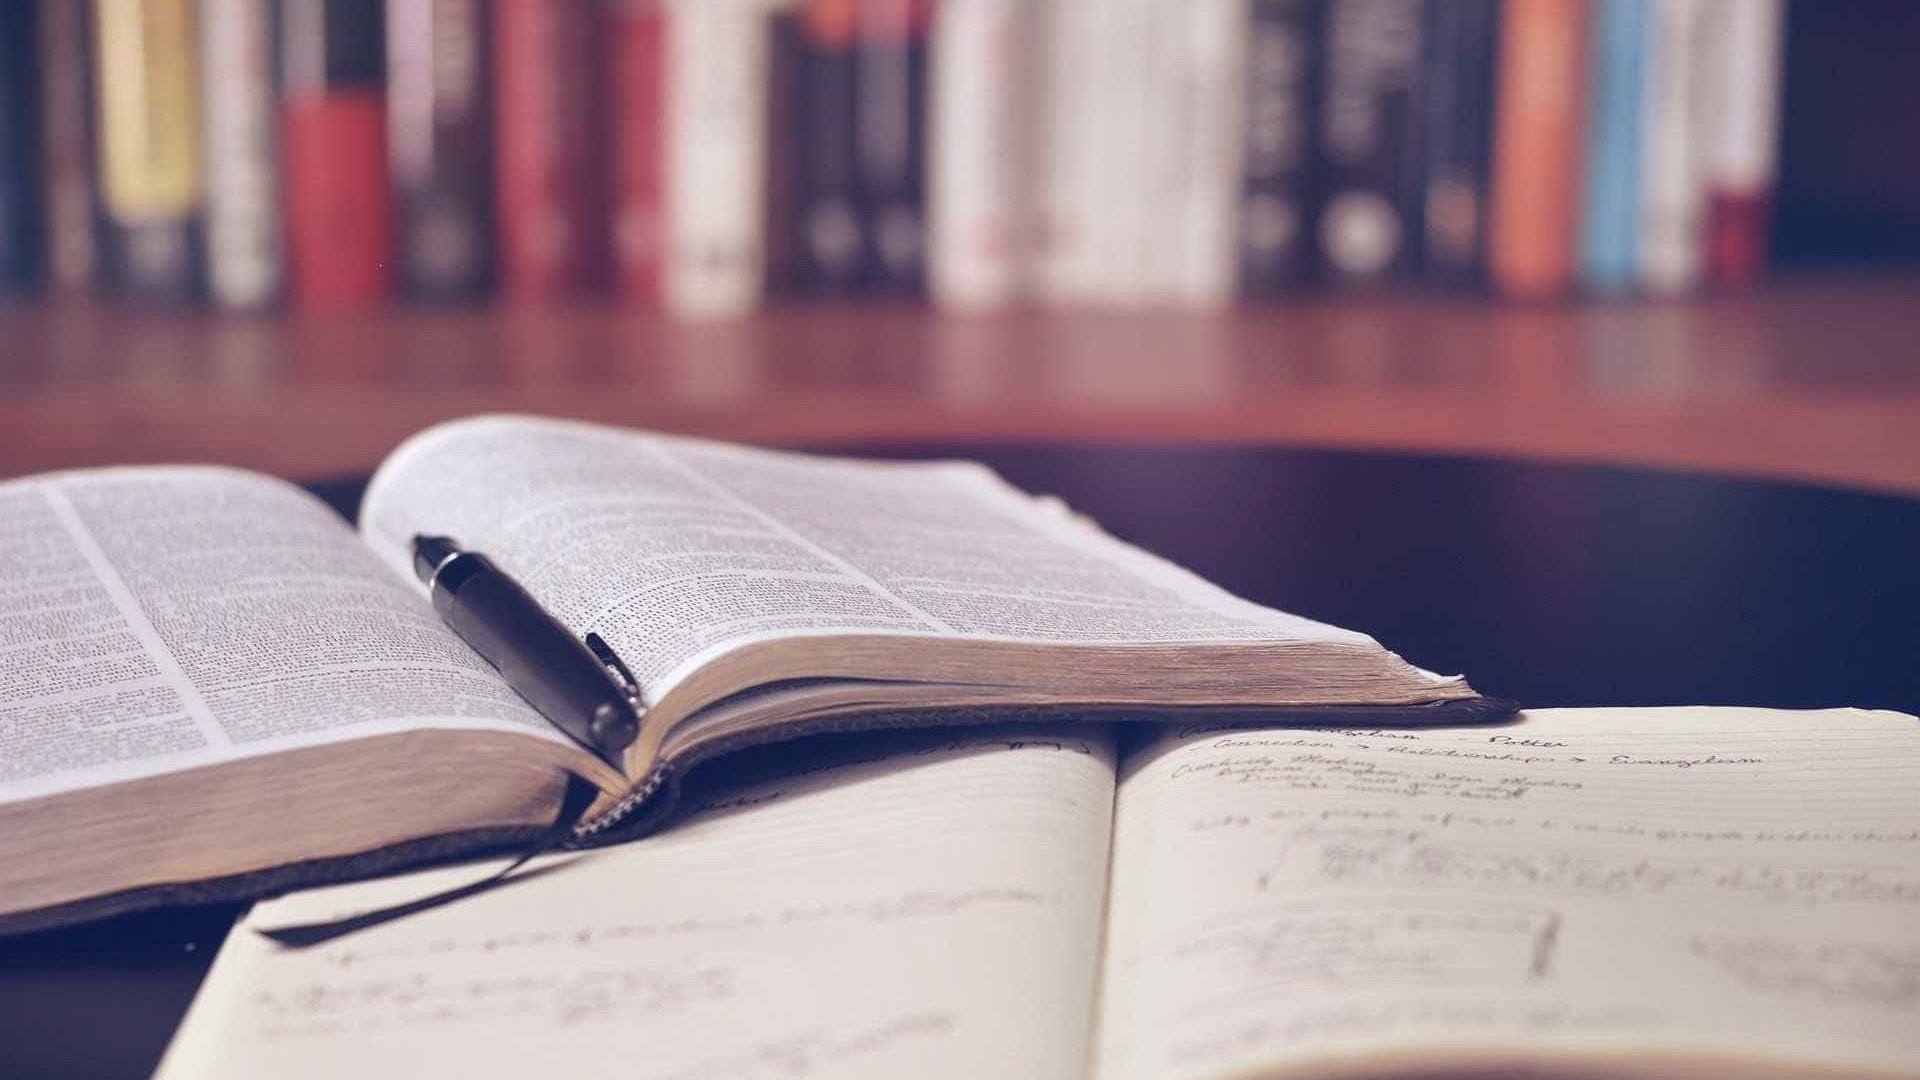 Estudante inadimplente com Fies pode pedir renegociação da dívida